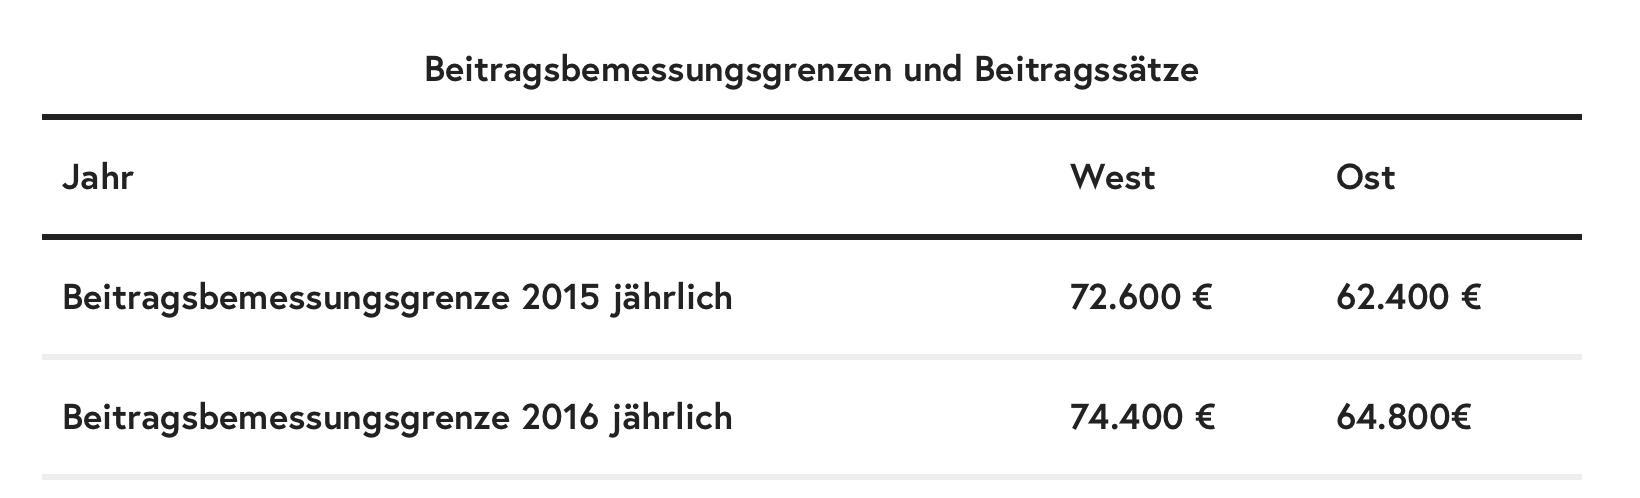 Beitragsbemessungsgrenzen-Beitragssätze